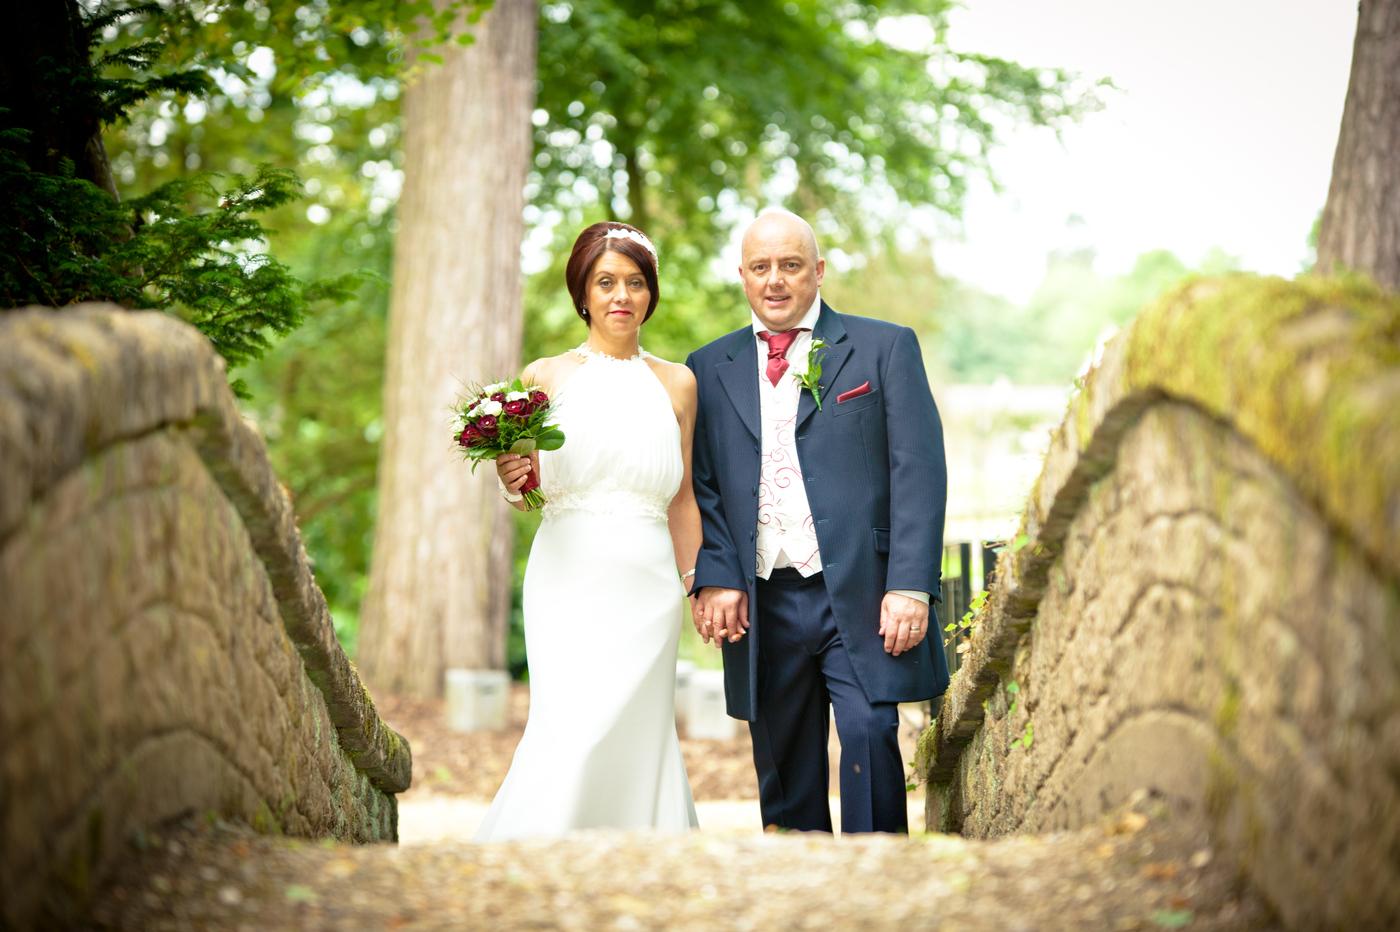 Mr & Mrs Eales say